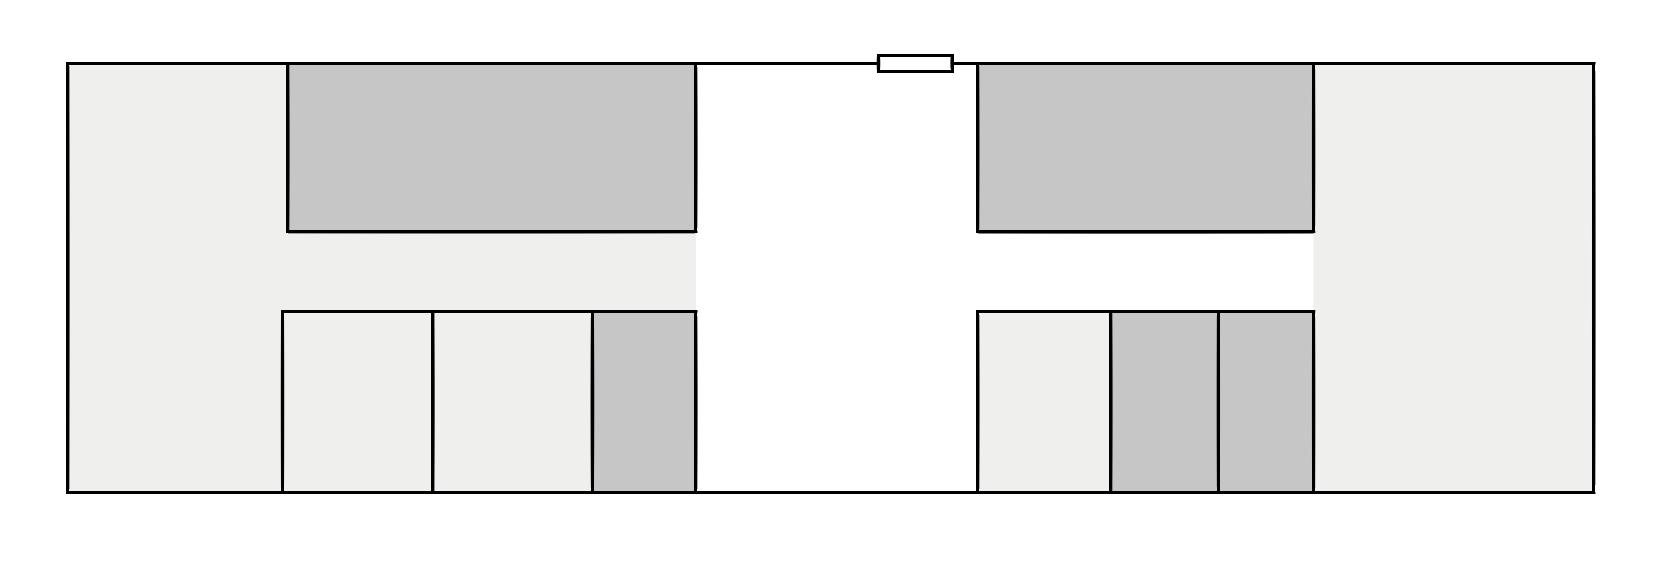 Instituto Ari - instalaciones